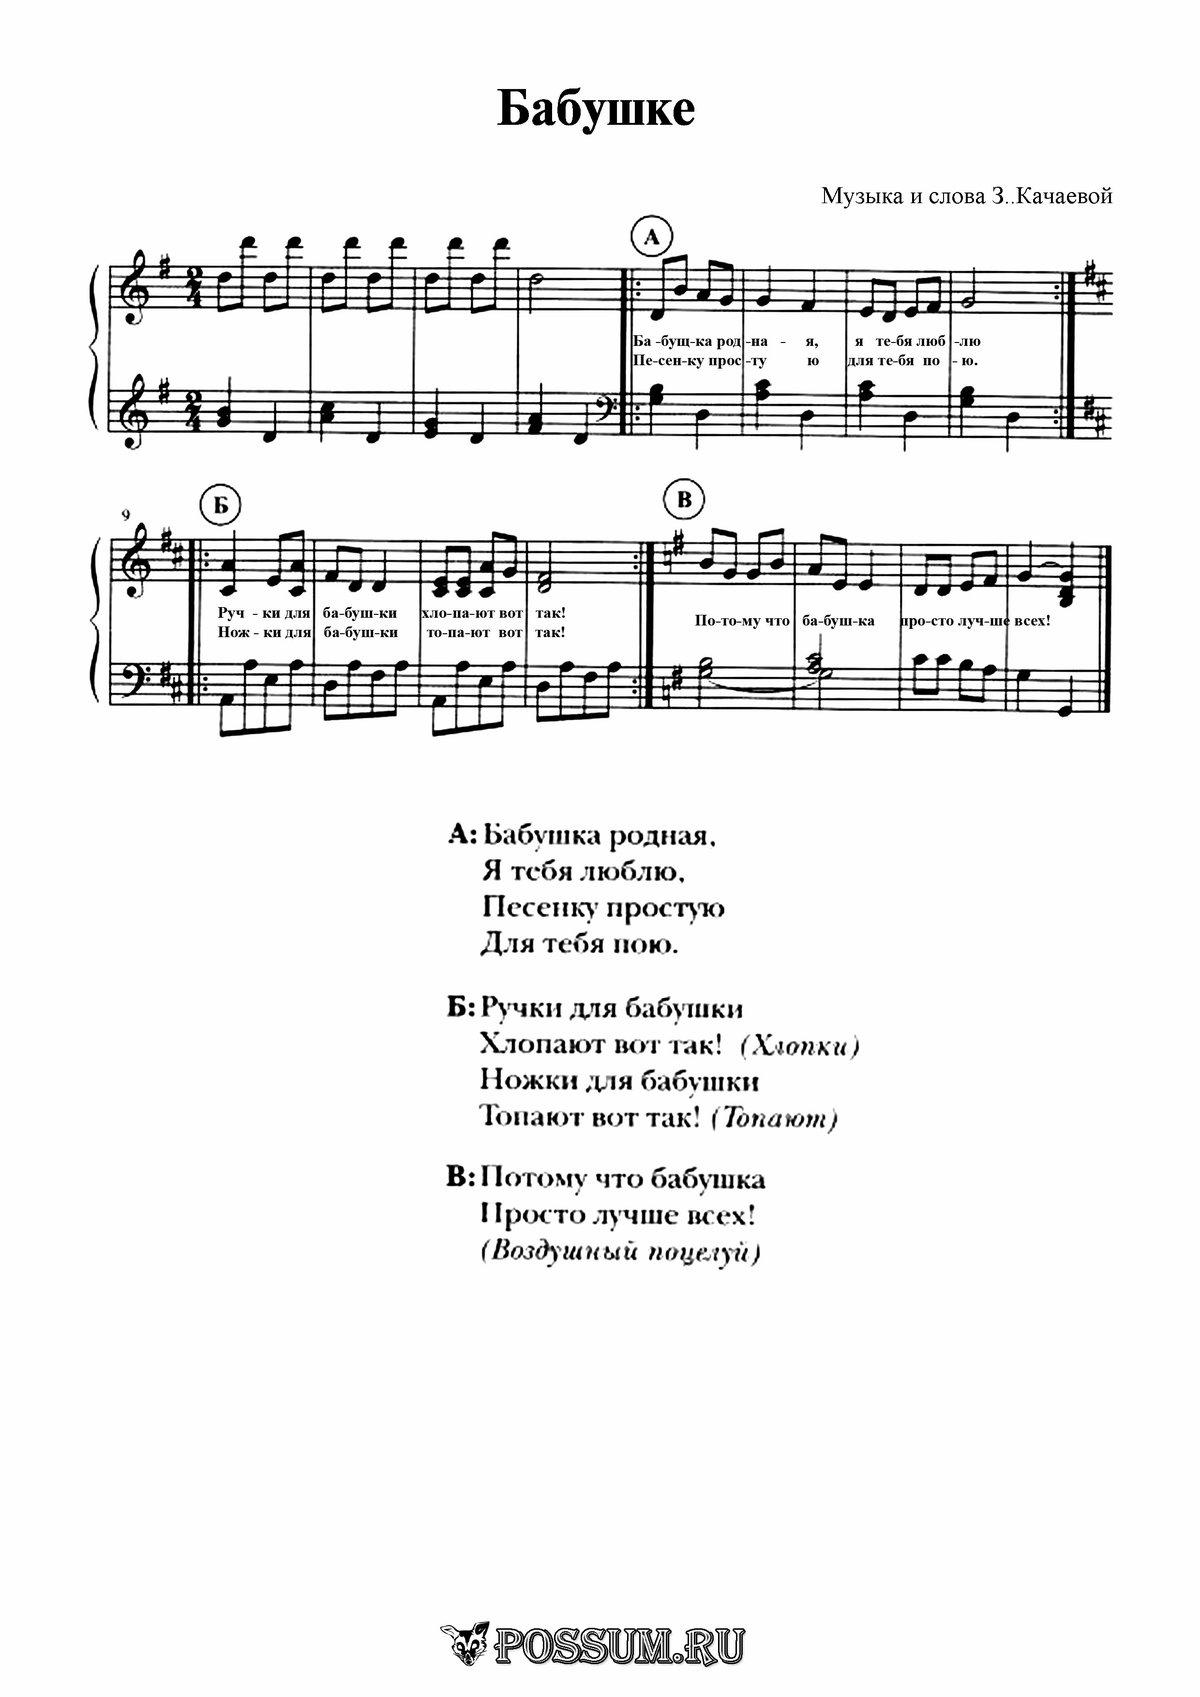 Открытки моей бабуленьки песенку спою